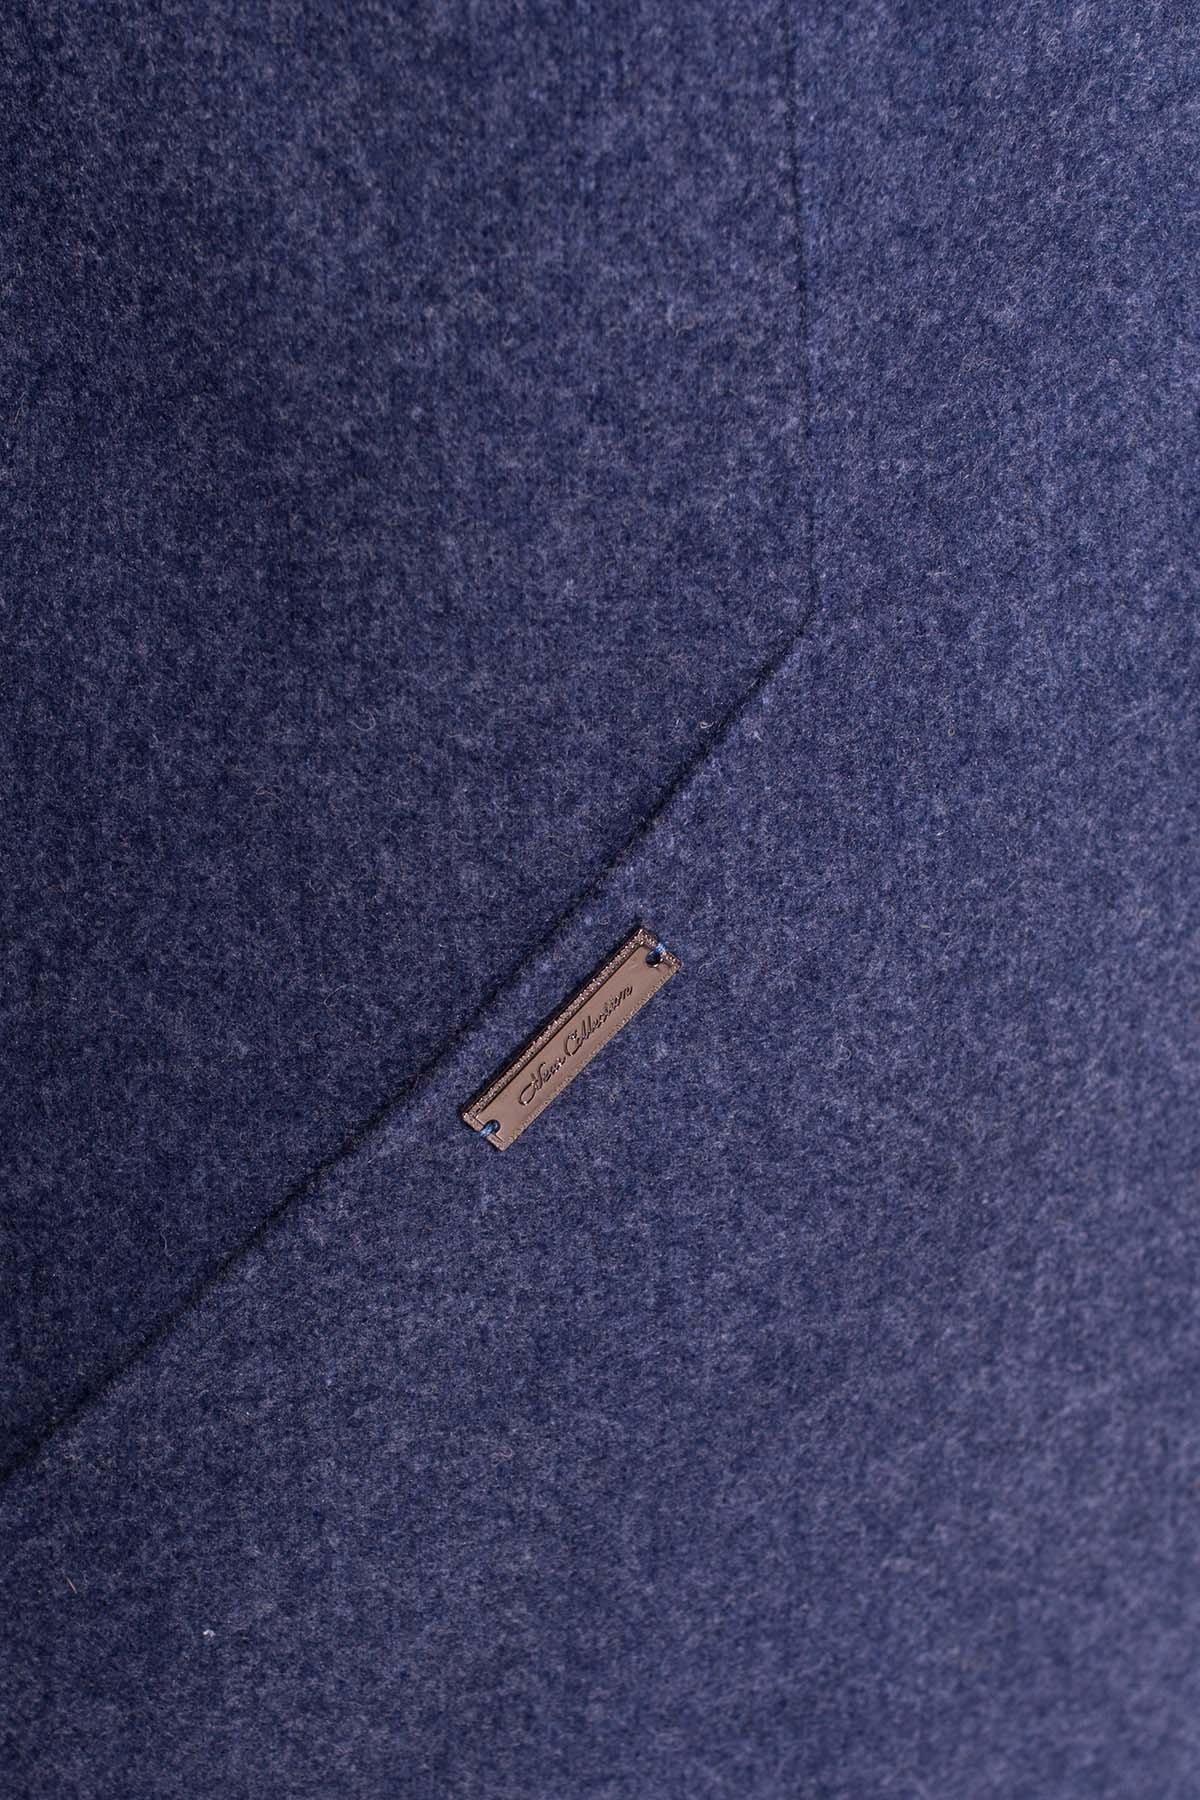 Пальто Сплит 4374 АРТ. 37818 Цвет: Джинс - фото 5, интернет магазин tm-modus.ru